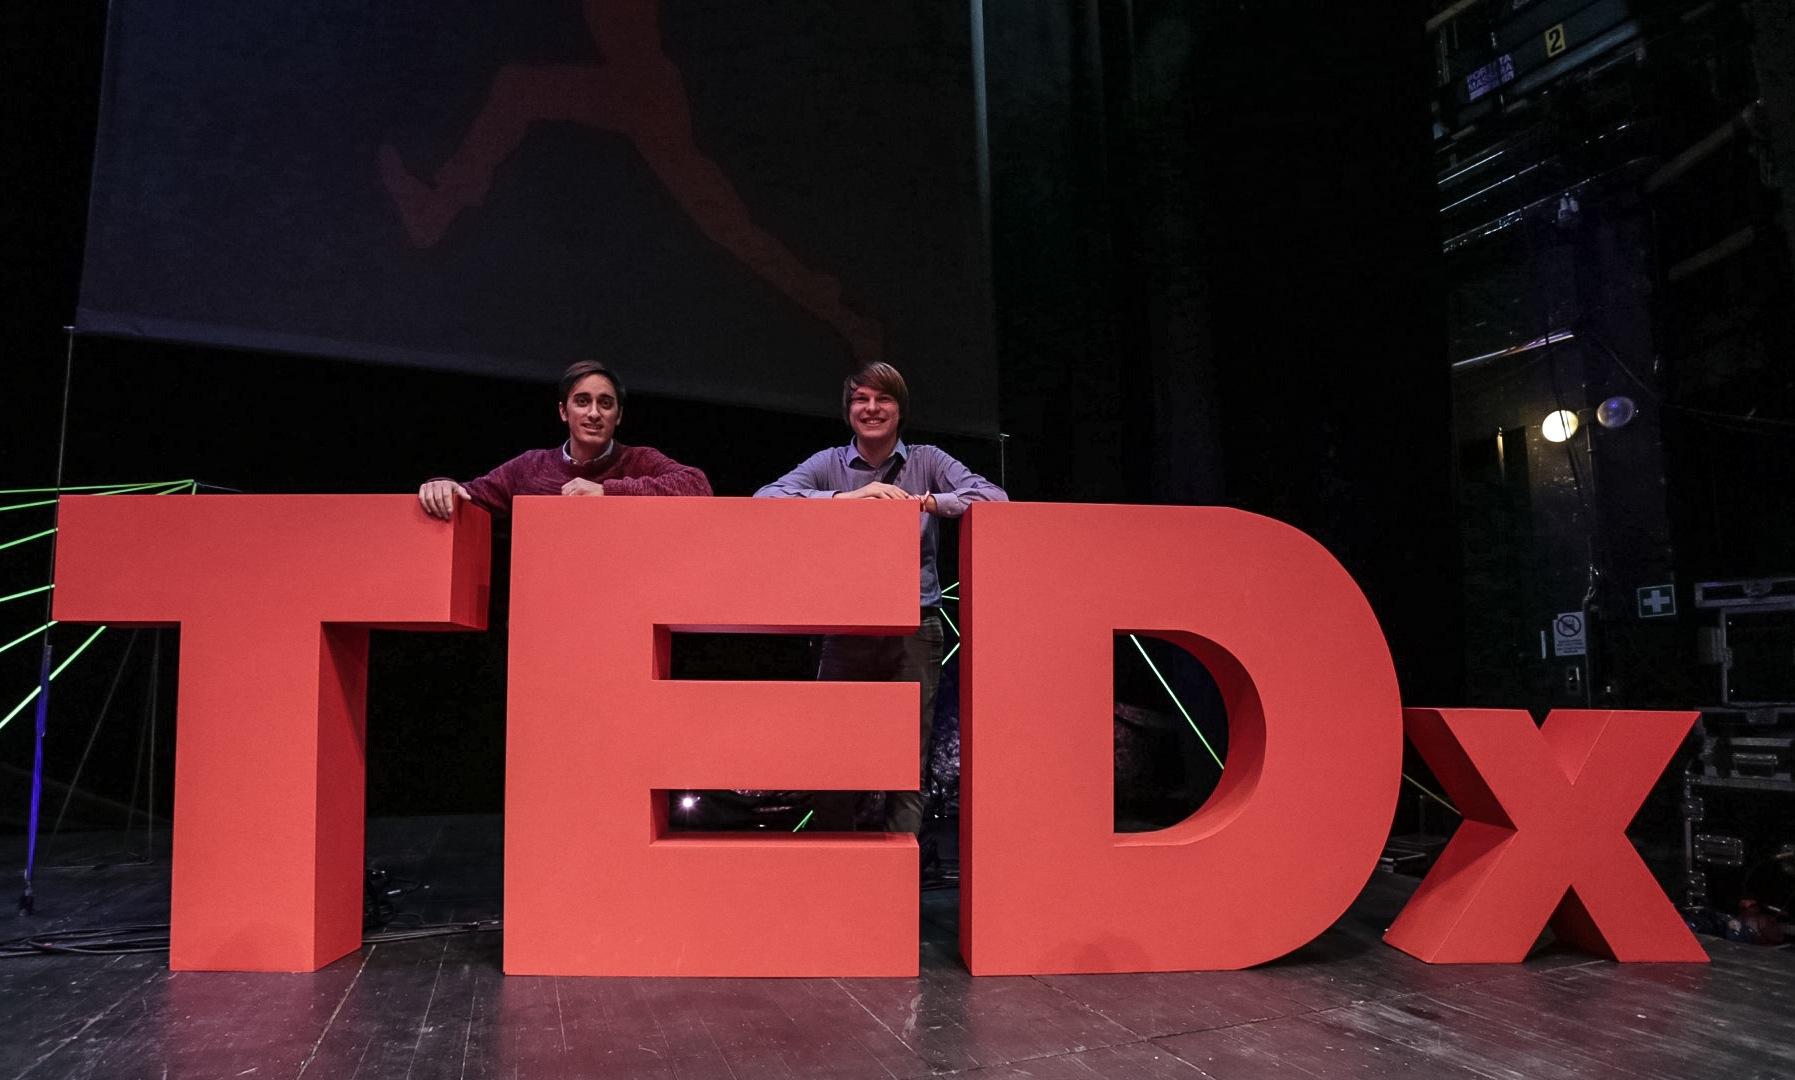 TedxBozen Team Gian Paolo Guacci and Jacopo Gallucci